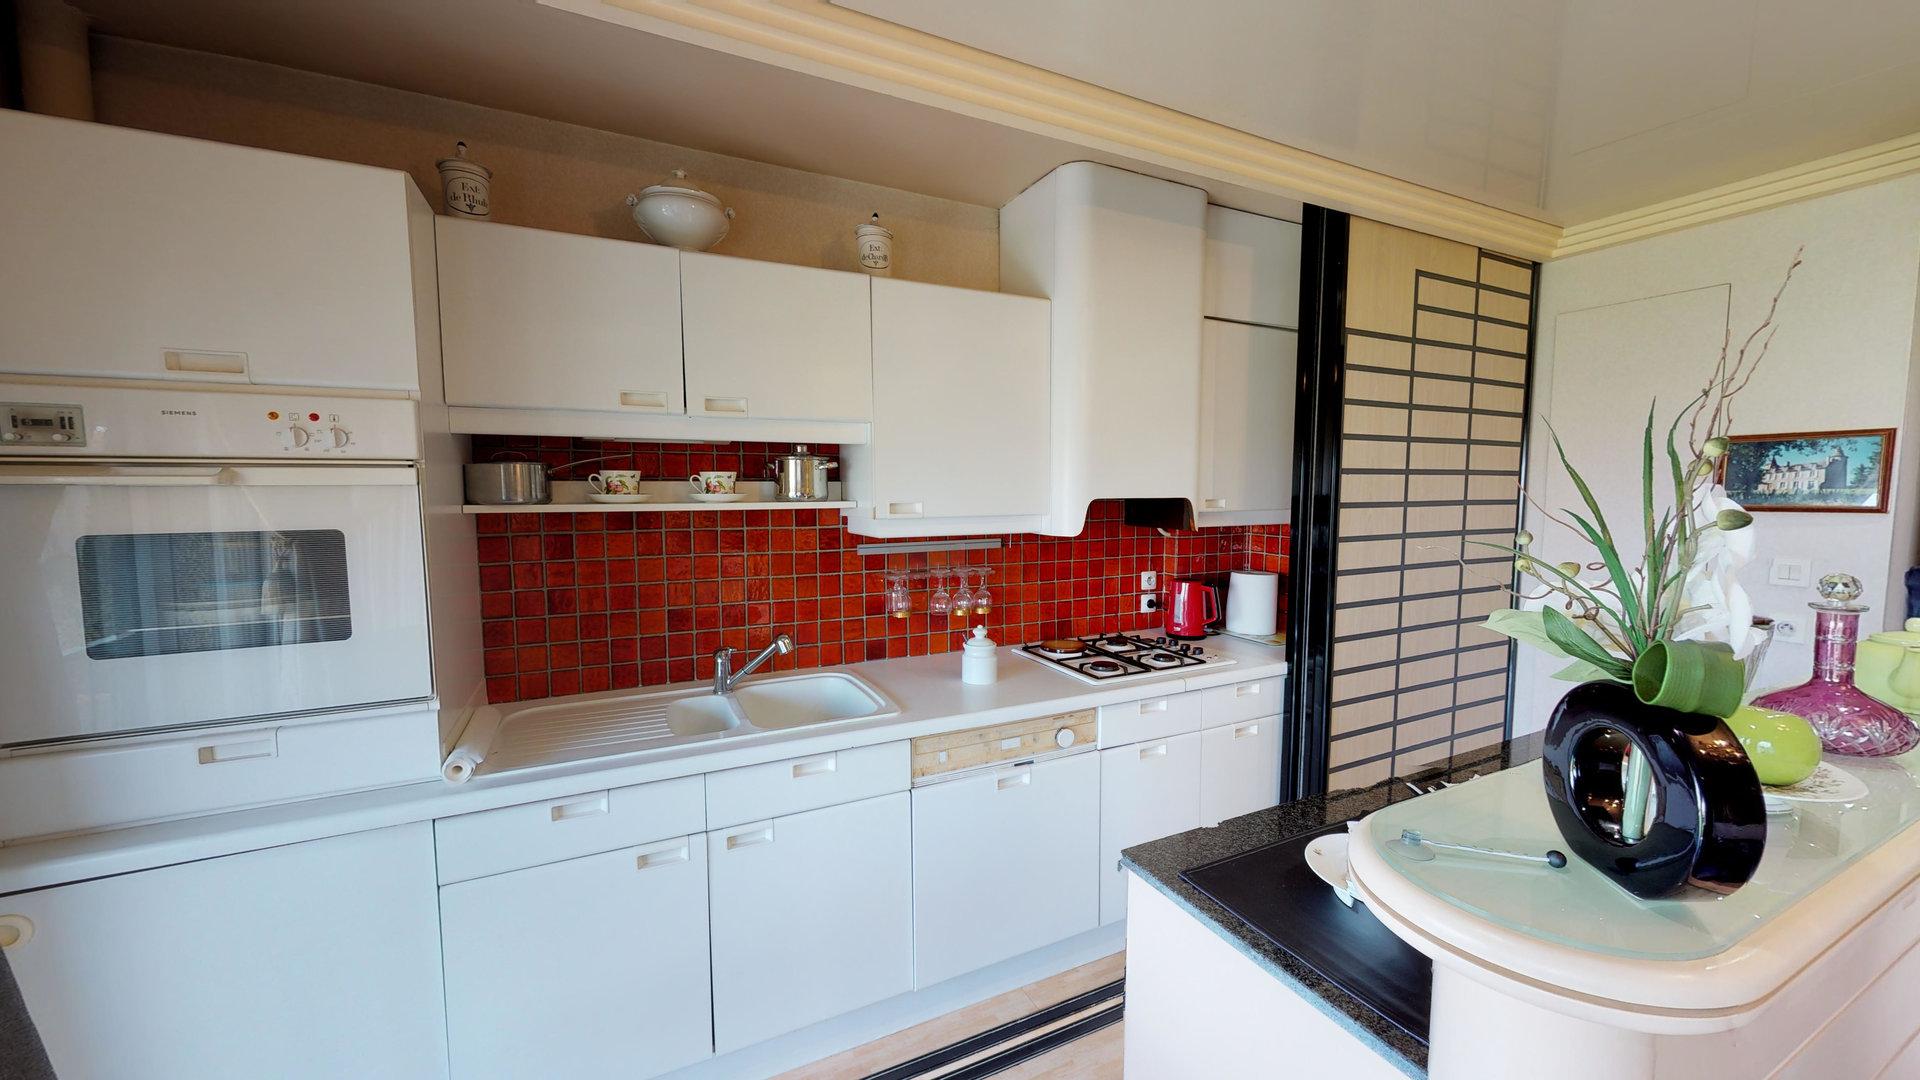 Appartement T2 - Toulouse - Quartier Fer à cheval - Garage + Cave